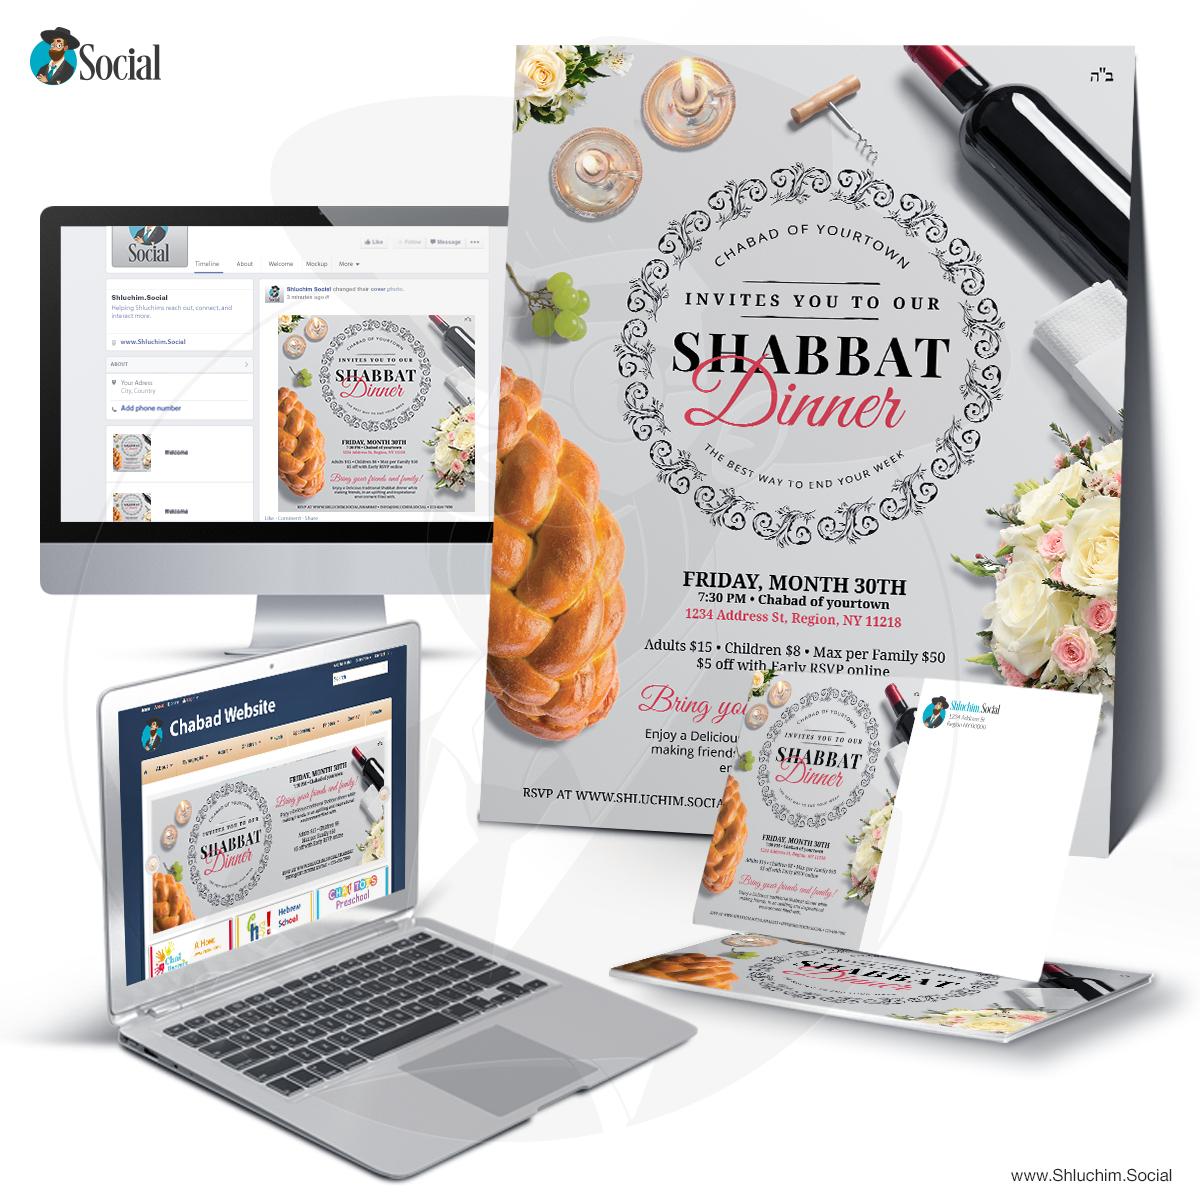 Shabbat Dinner Table Setting